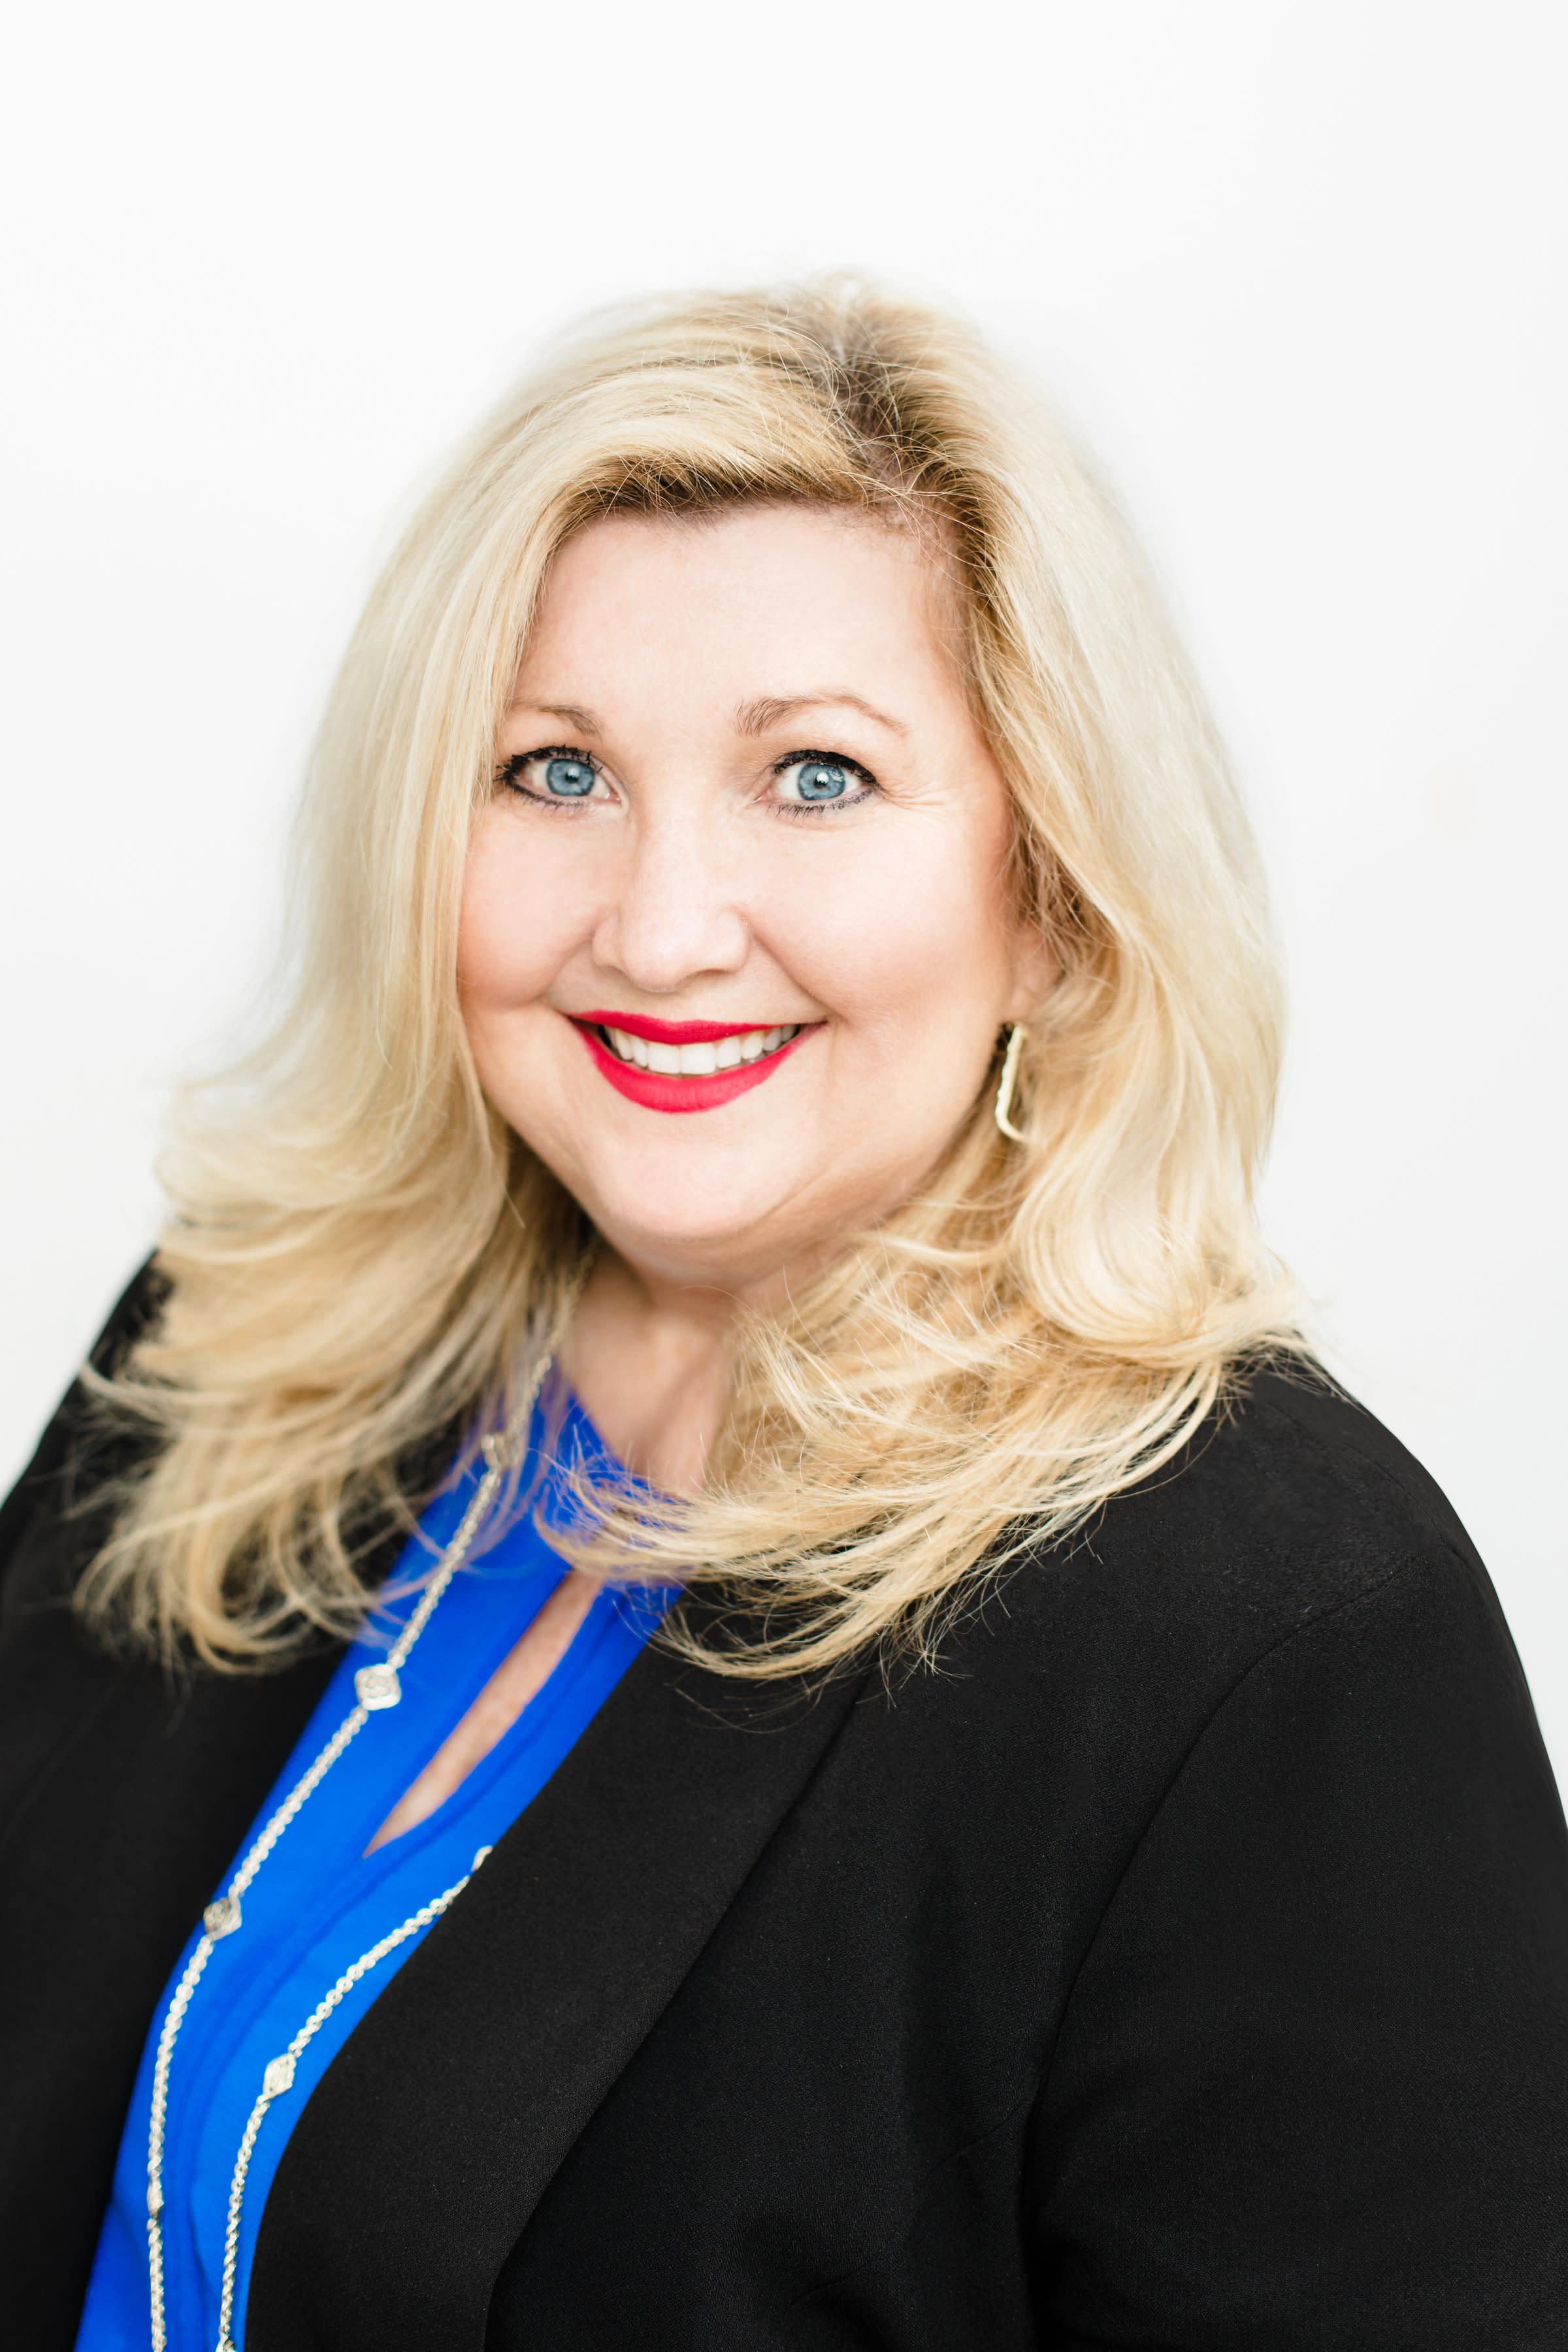 Melody Mitchem Talent Management Specialist Headshot